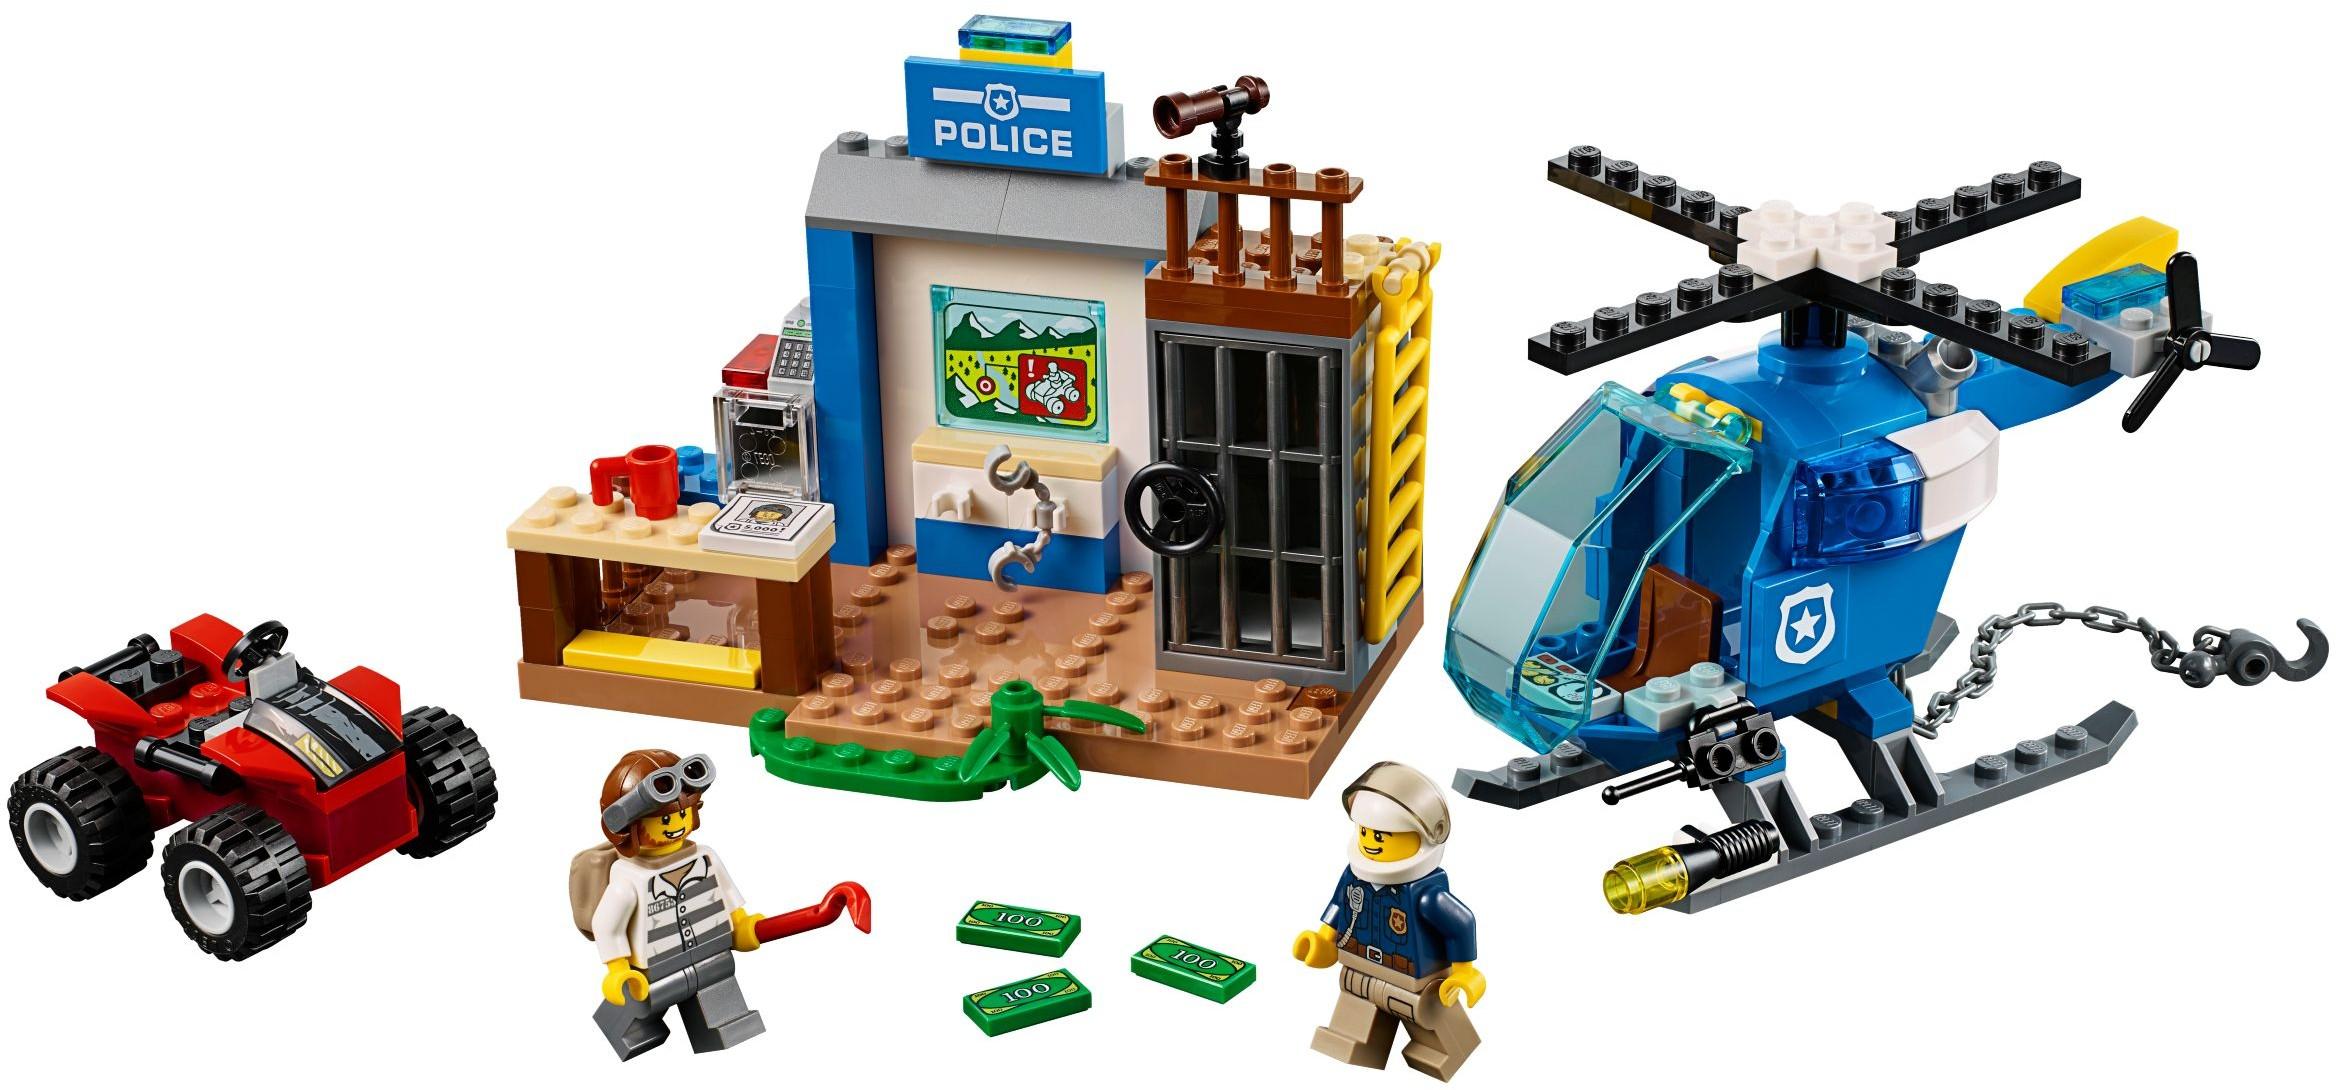 2018 Brickset Lego Set Guide And Database